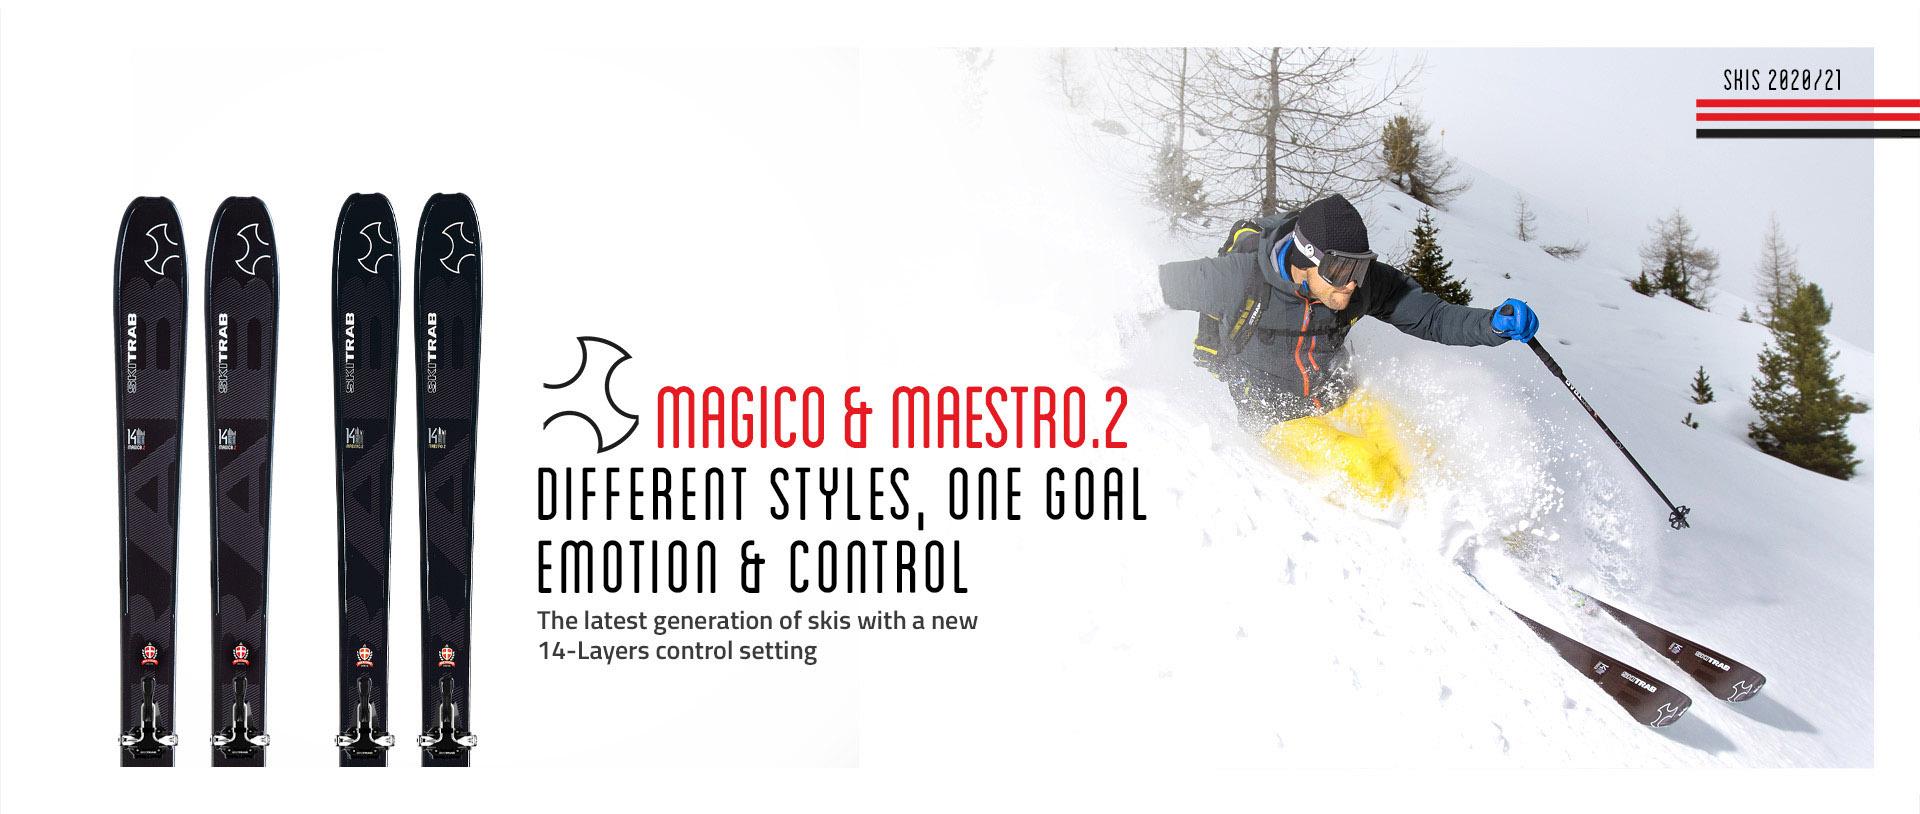 Magico.2 & Maestro.2